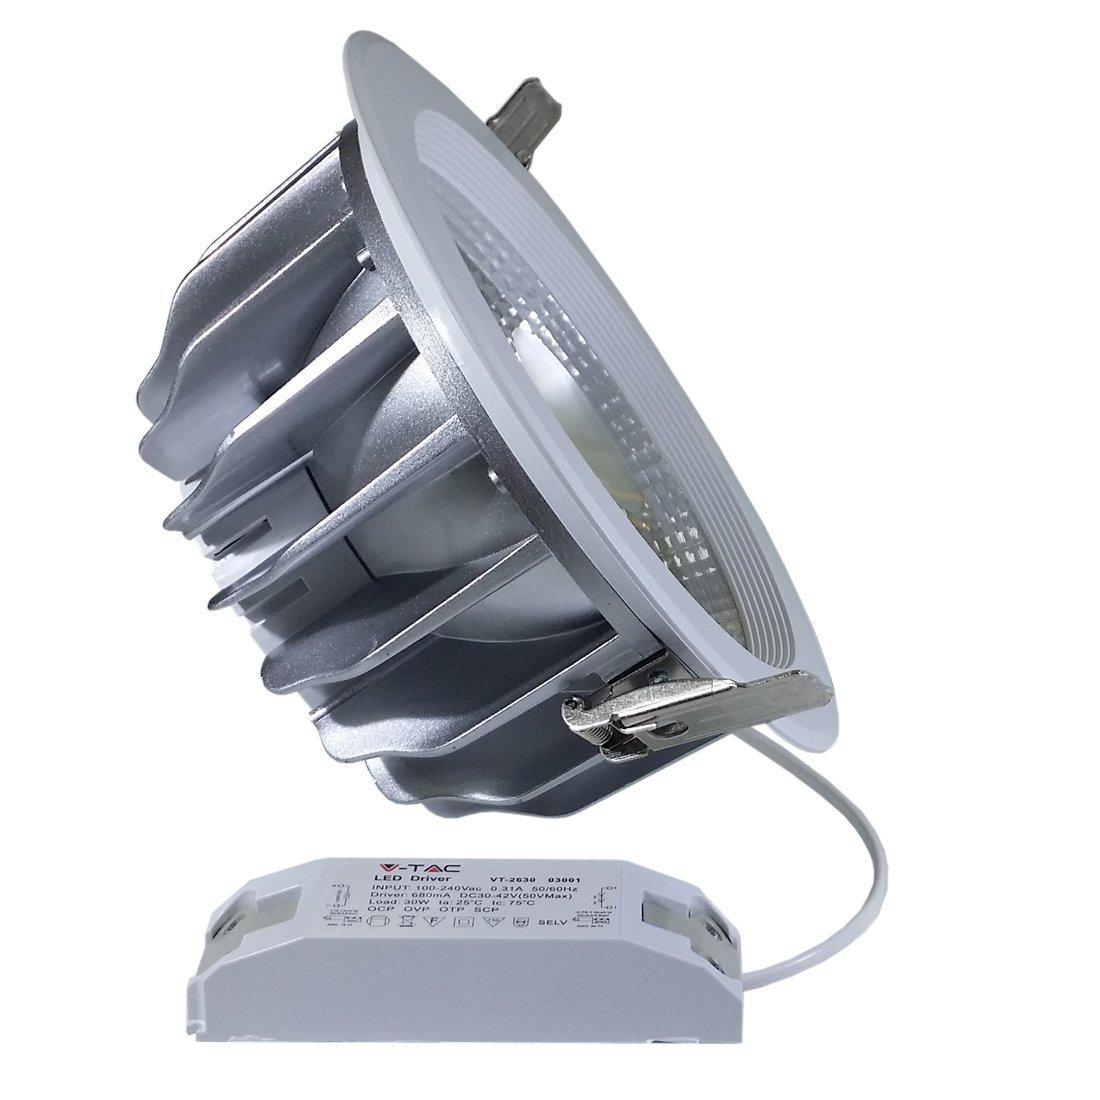 V-TAC 1164 45 45 45 W LED Einbaustrahler 230 V Natürliches Licht 4500 K 120 Grad Spot Reflector Rund Aussenmass Durchmesser 222 mm Einbaumasse Durchmesser 205 mm IP20 Gehäuse weiß VT-2645 6cc533